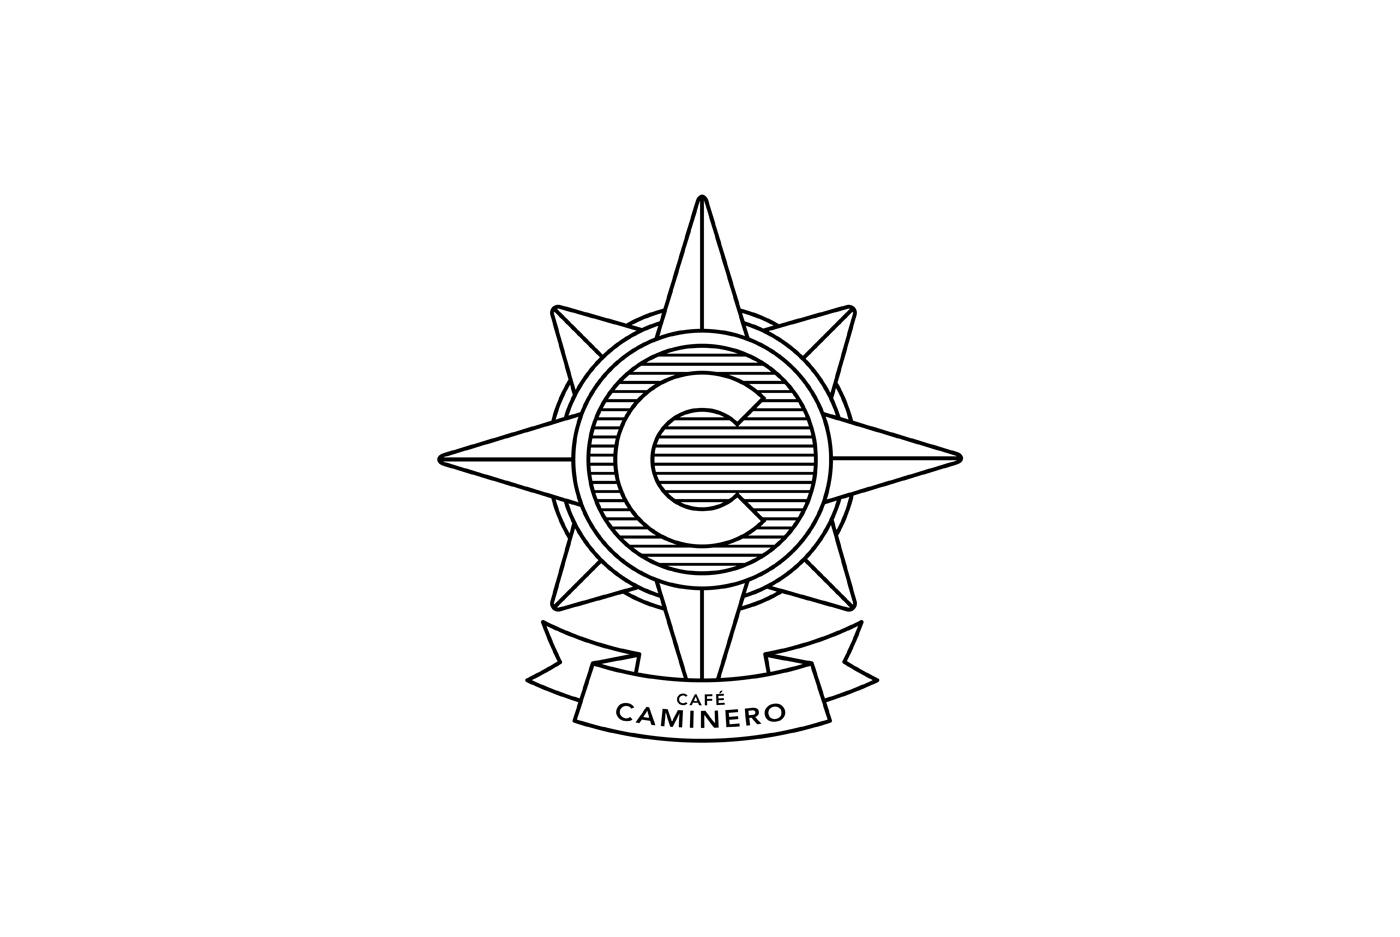 caminero-01